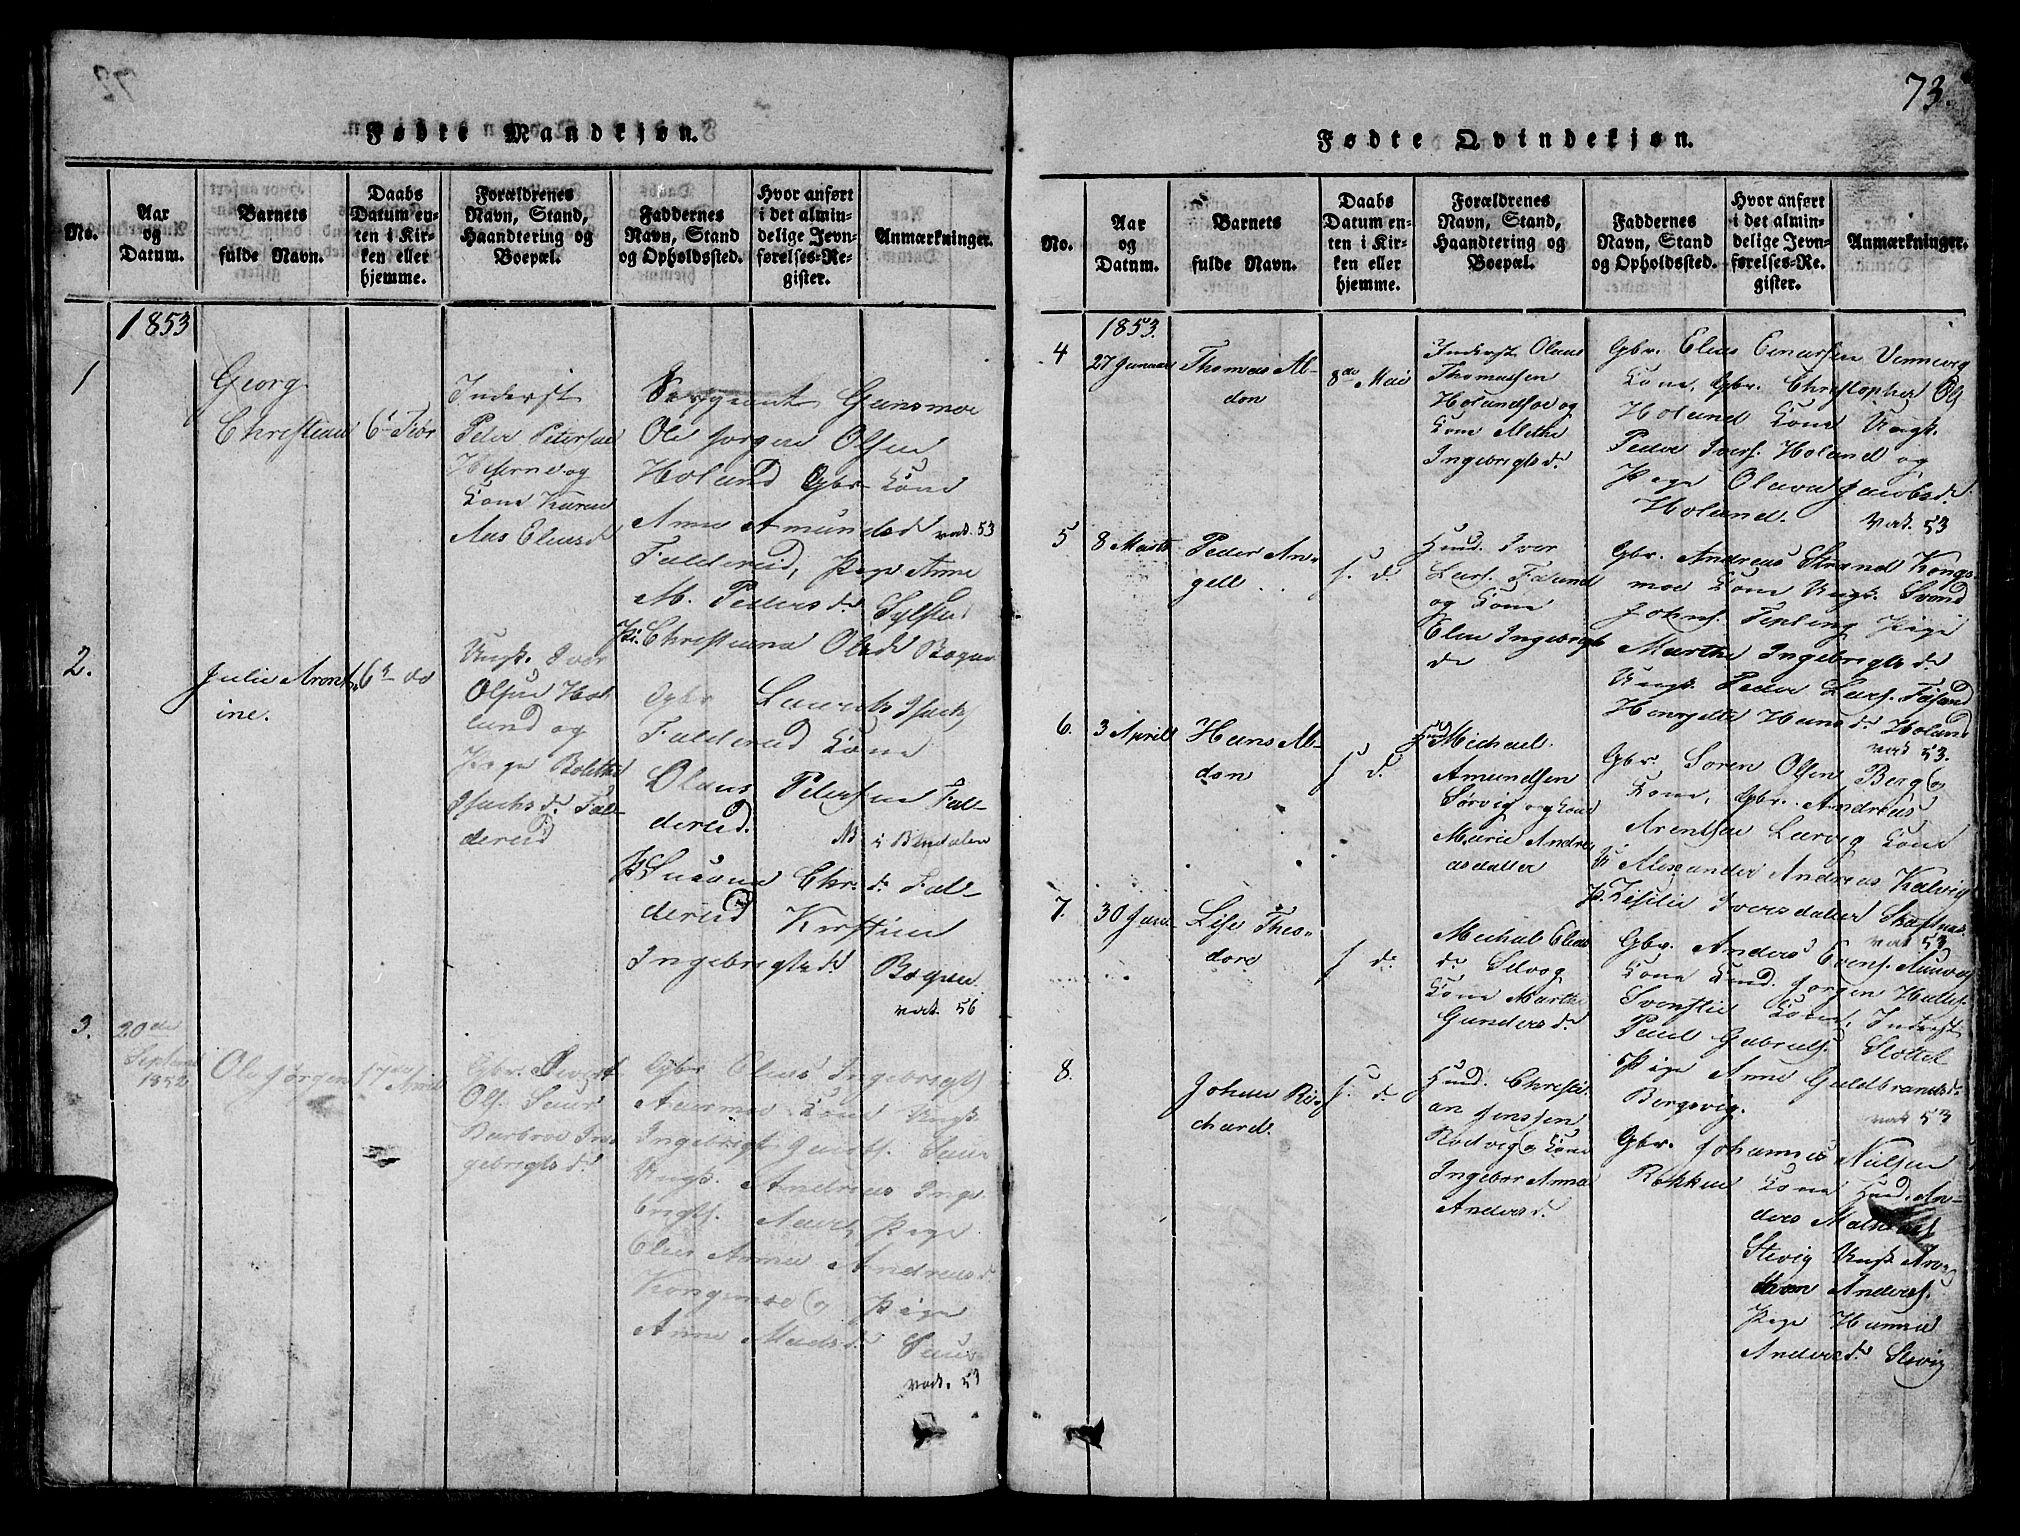 SAT, Ministerialprotokoller, klokkerbøker og fødselsregistre - Nord-Trøndelag, 780/L0648: Klokkerbok nr. 780C01 /3, 1815-1877, s. 73